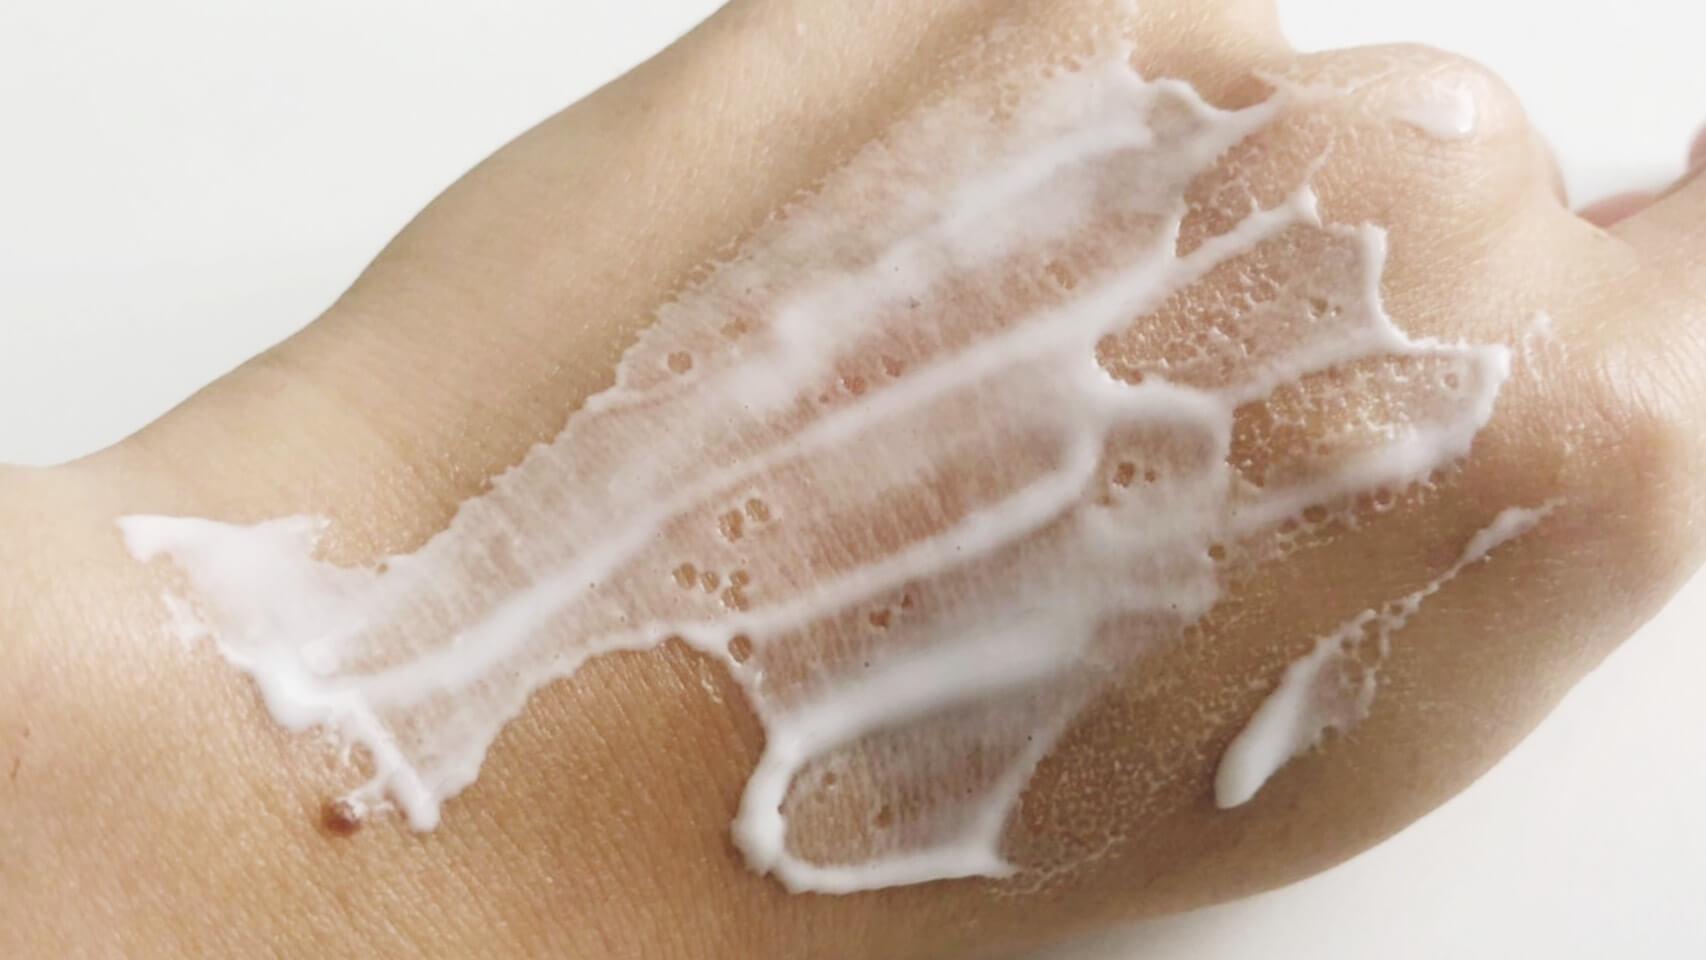 三相乳化法を使用して乳化したワセリンクリーム は、従来のワセリンのイメージを覆すほどサラサラなクリームタイプ。